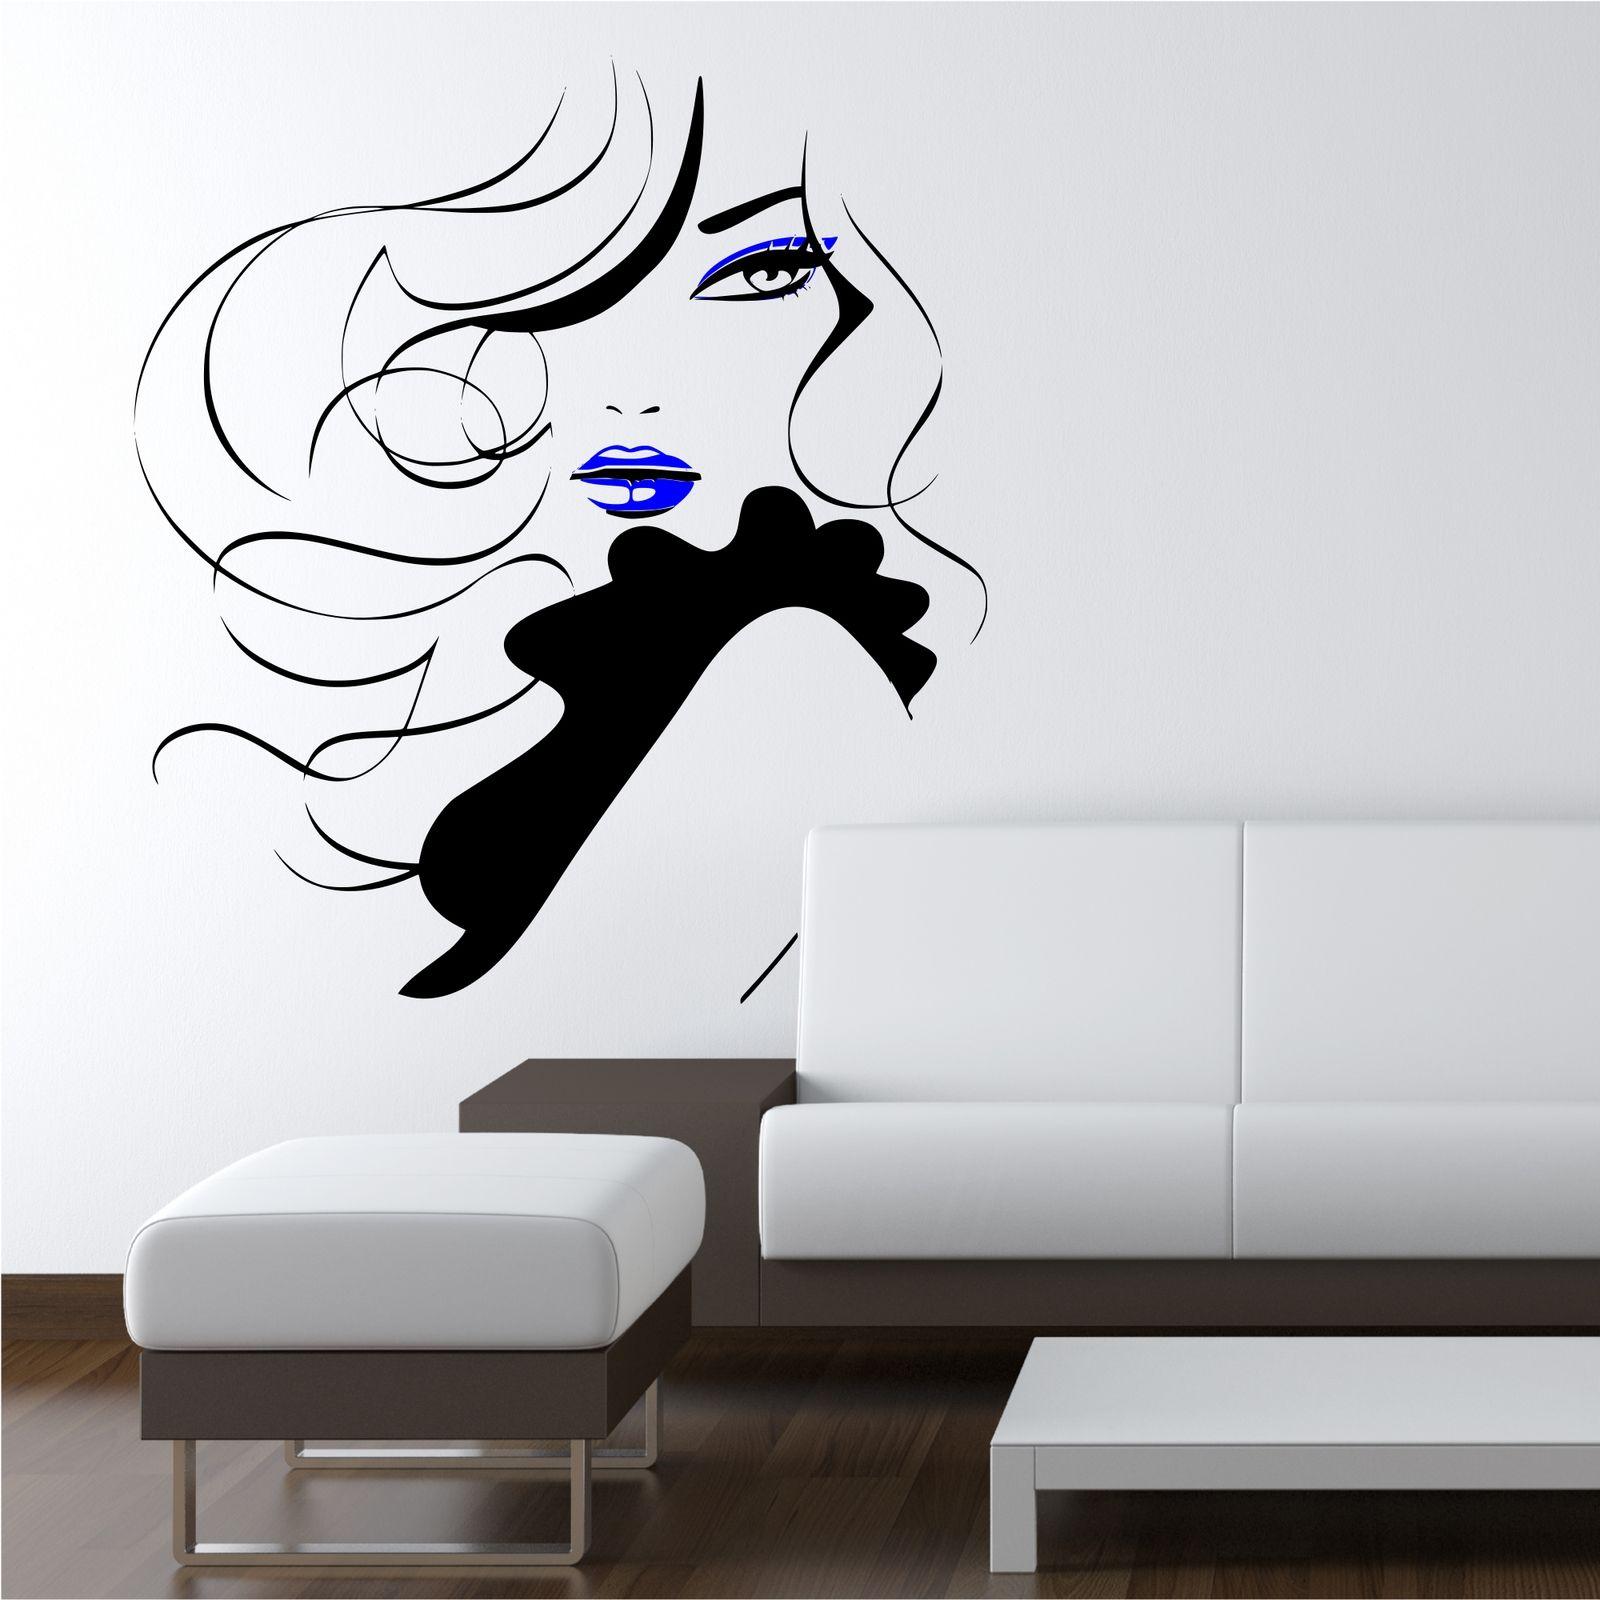 Wall Stickers Decor Modern Pin Up Girl Women Modern Hair Salon Wall Sticker Decal